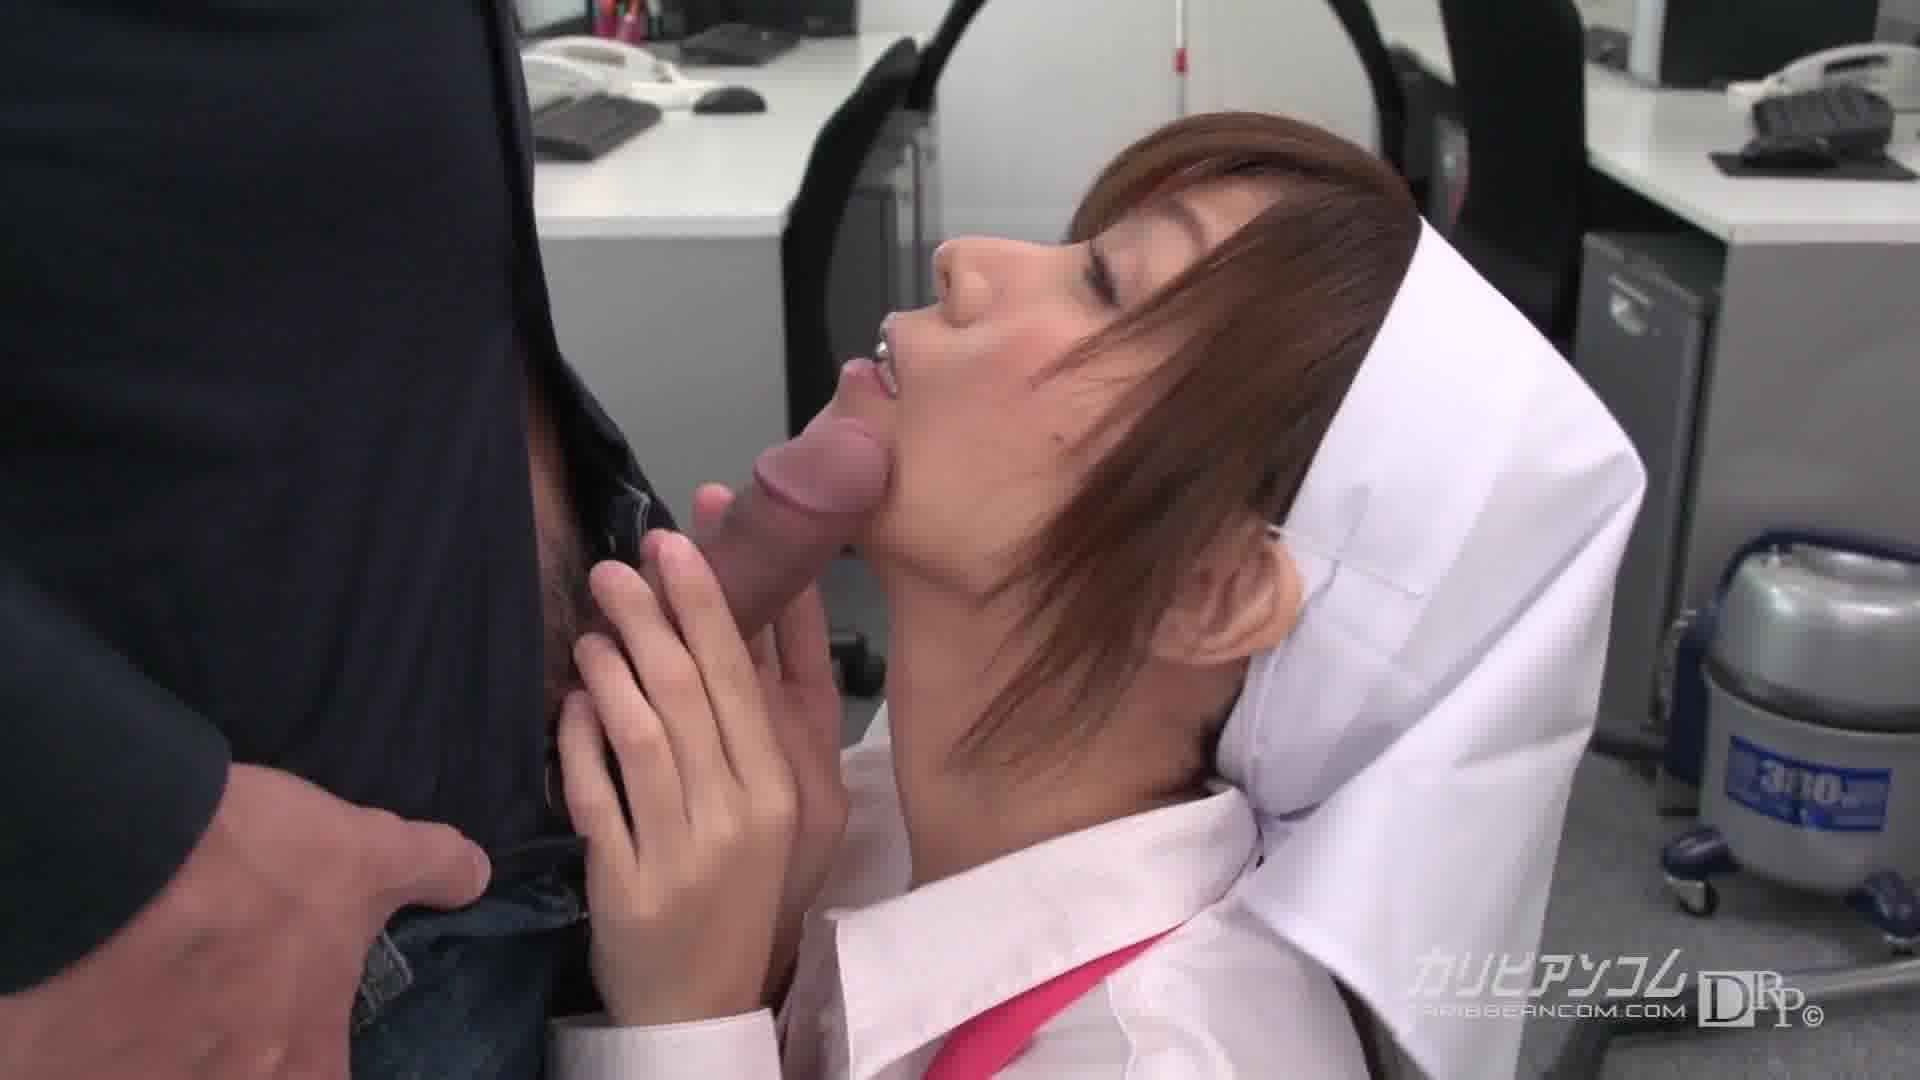 美人掃除婦の臀部に欲情してチンコを見せたらその場で一発やらせてくれた - 秋野千尋【巨乳・エプロン・中出し】